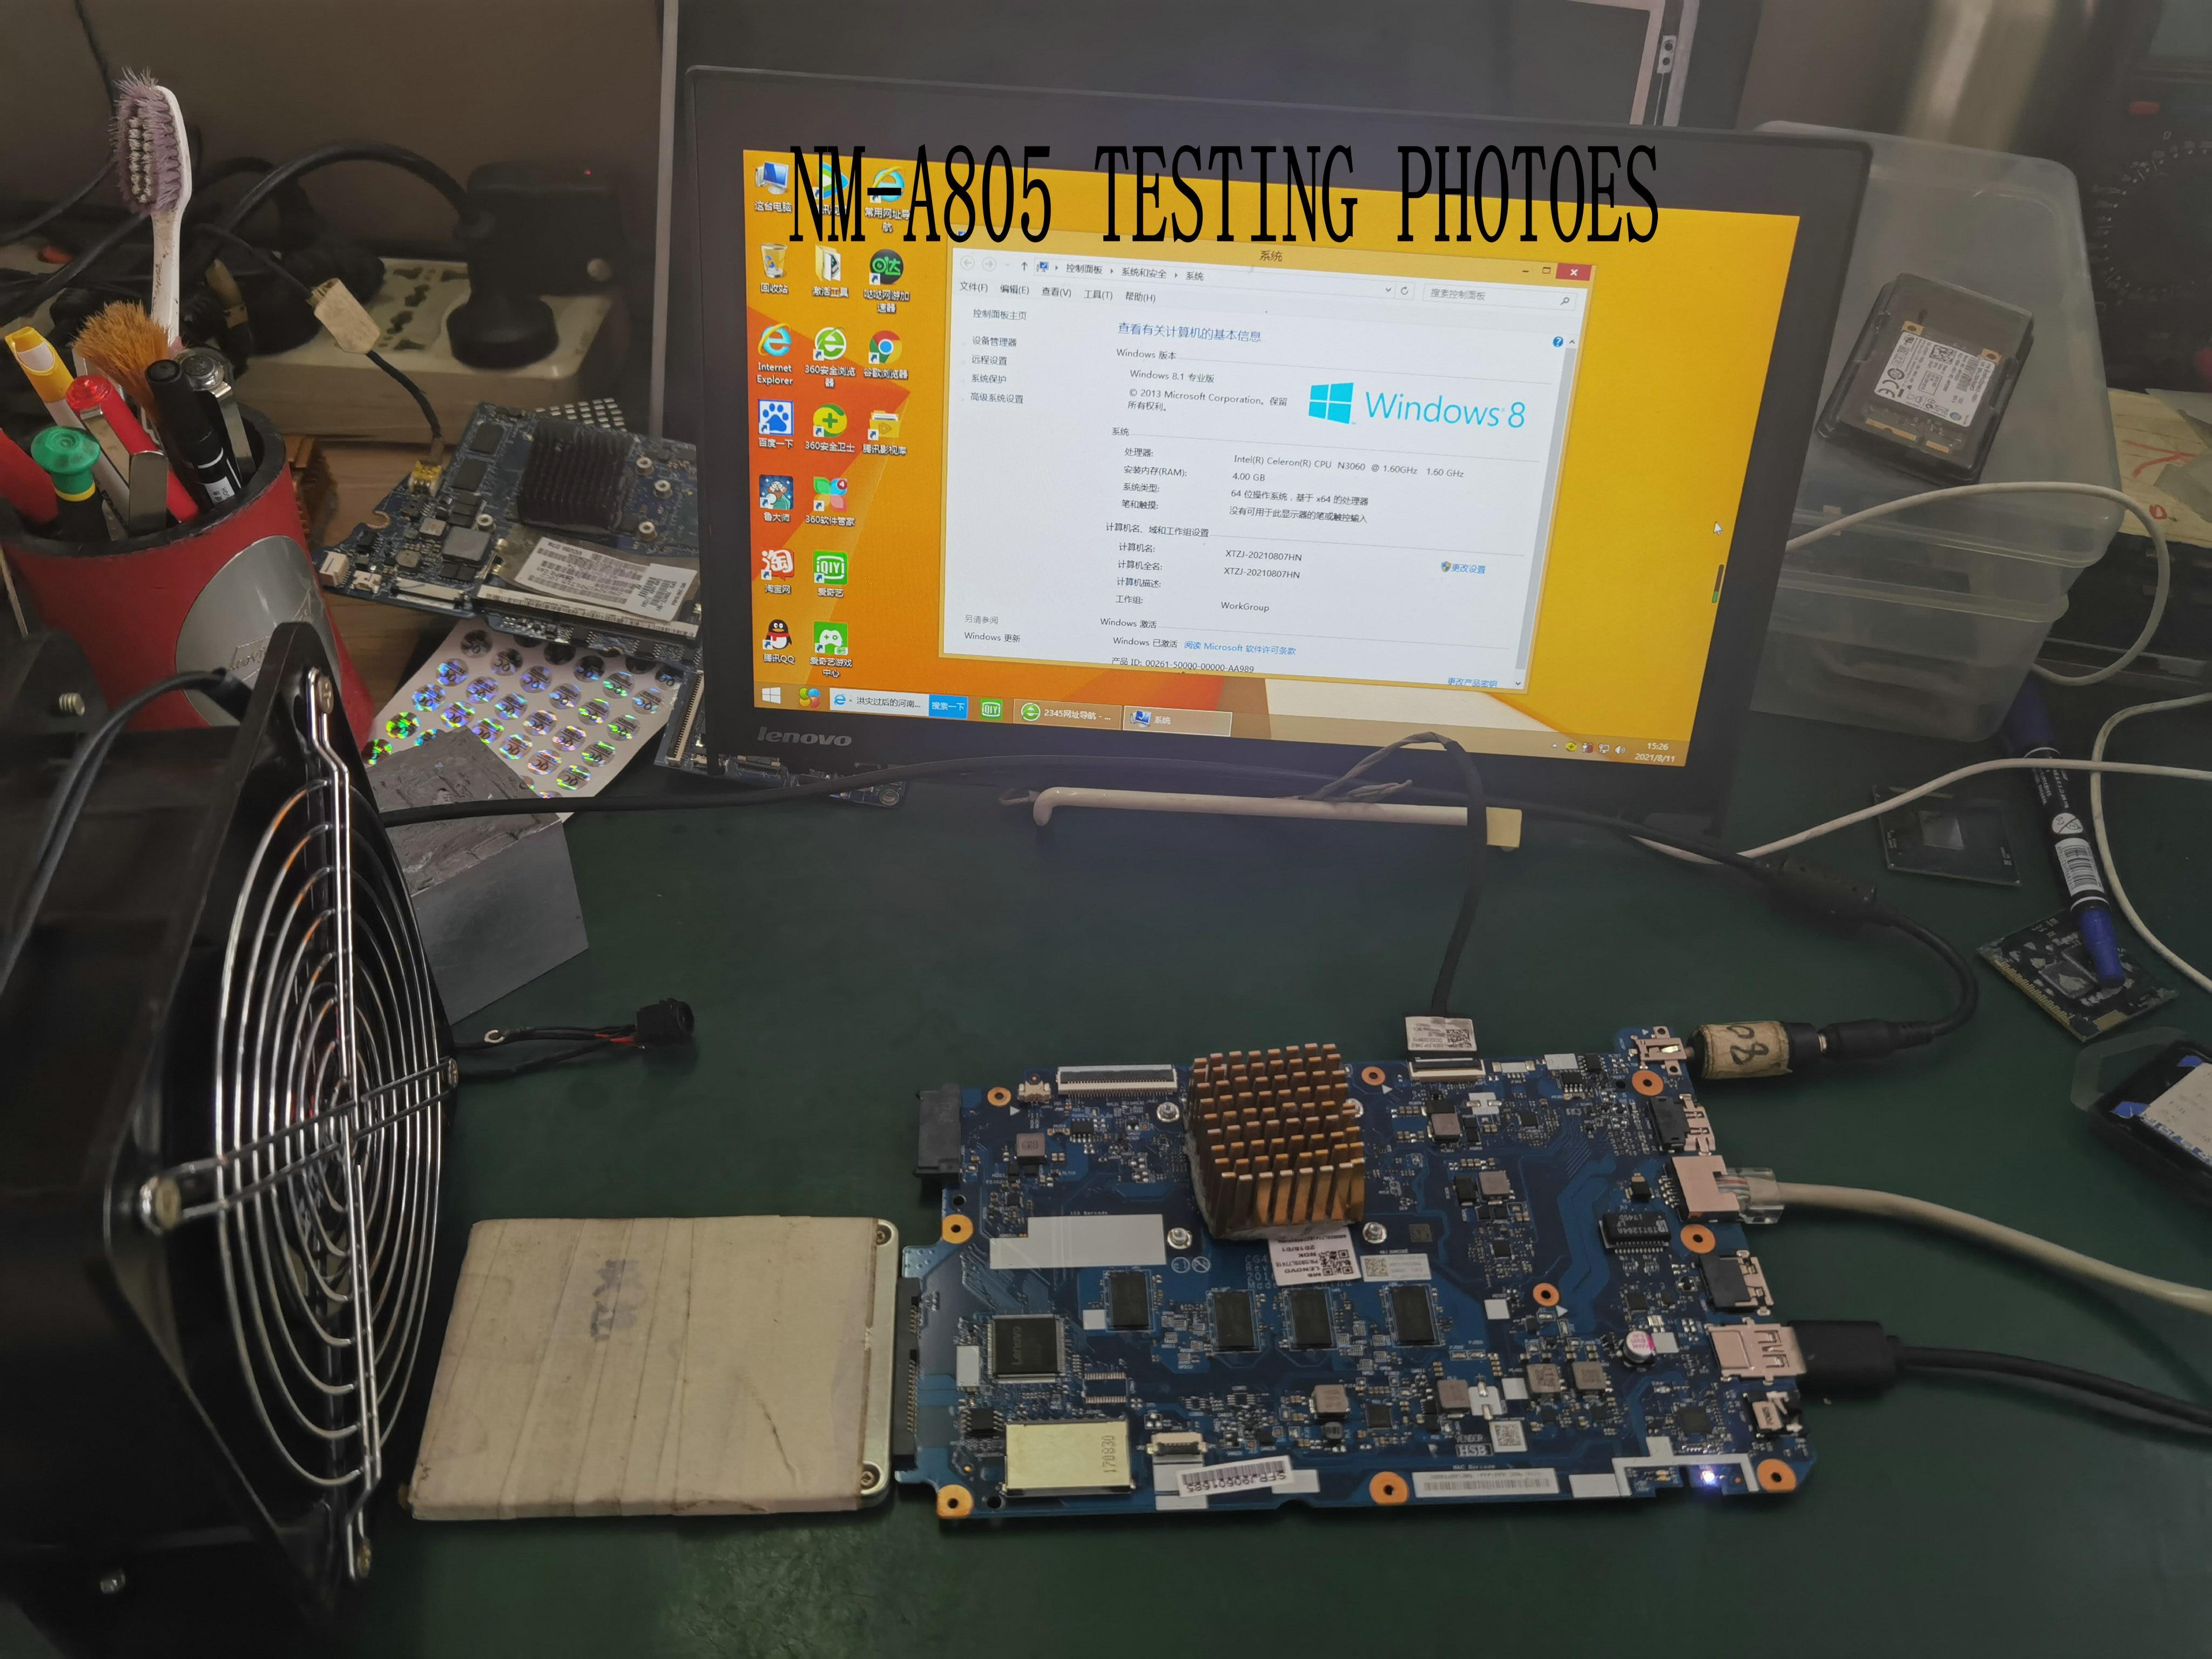 العلامة التجارية الجديدة 5B20L77417 CG420 NM-A805 اللوحة الرئيسية لينوفو 110-14IBR اللوحة الرئيسية المعالج N3060 4GB RAM.